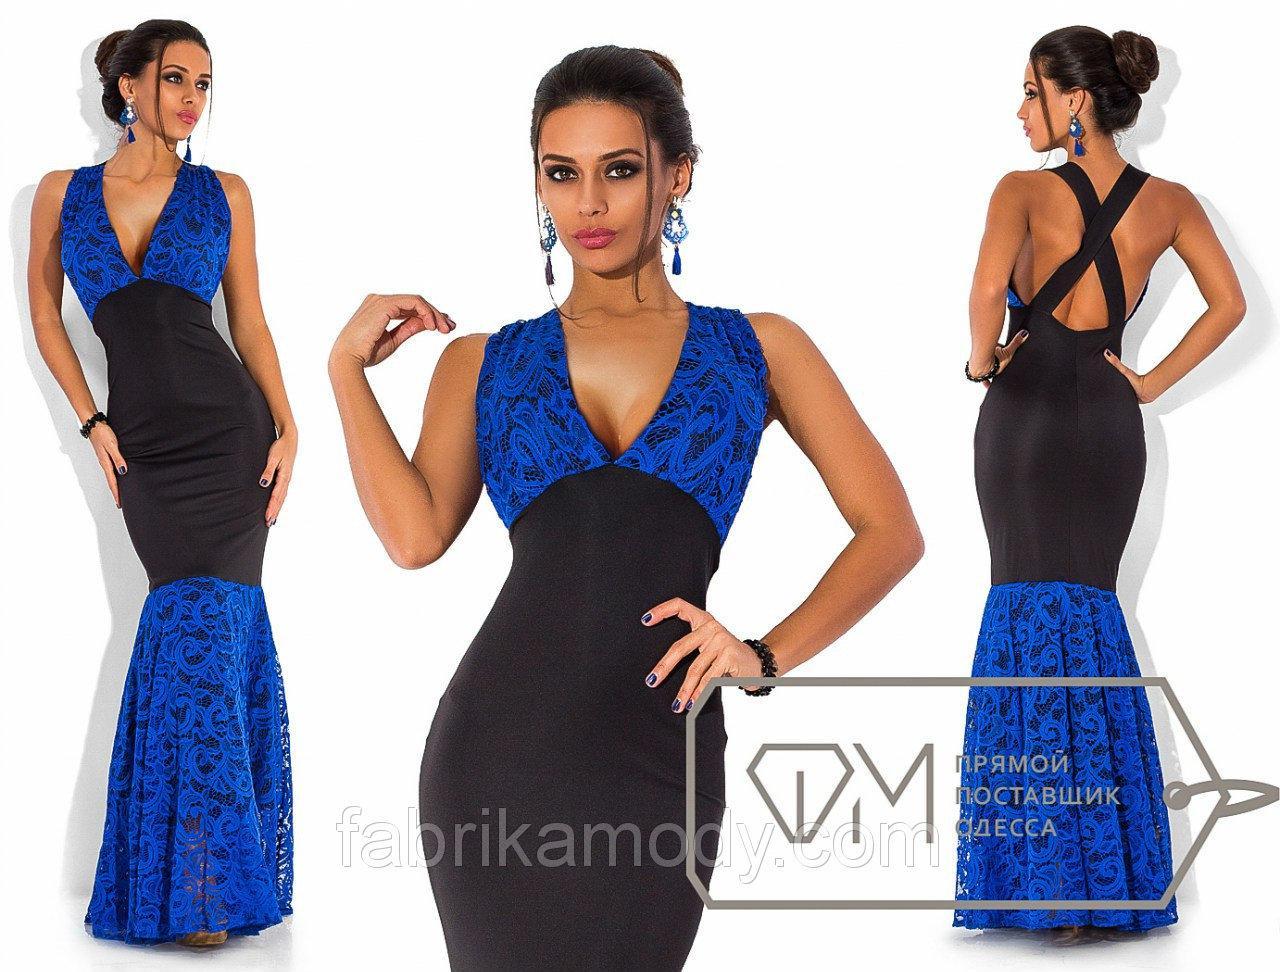 Вечернее платье-русалка из микродайвинга с гипюром с V-образным вырезом без рукавов с декольте Цвет электрик гипюр 5737